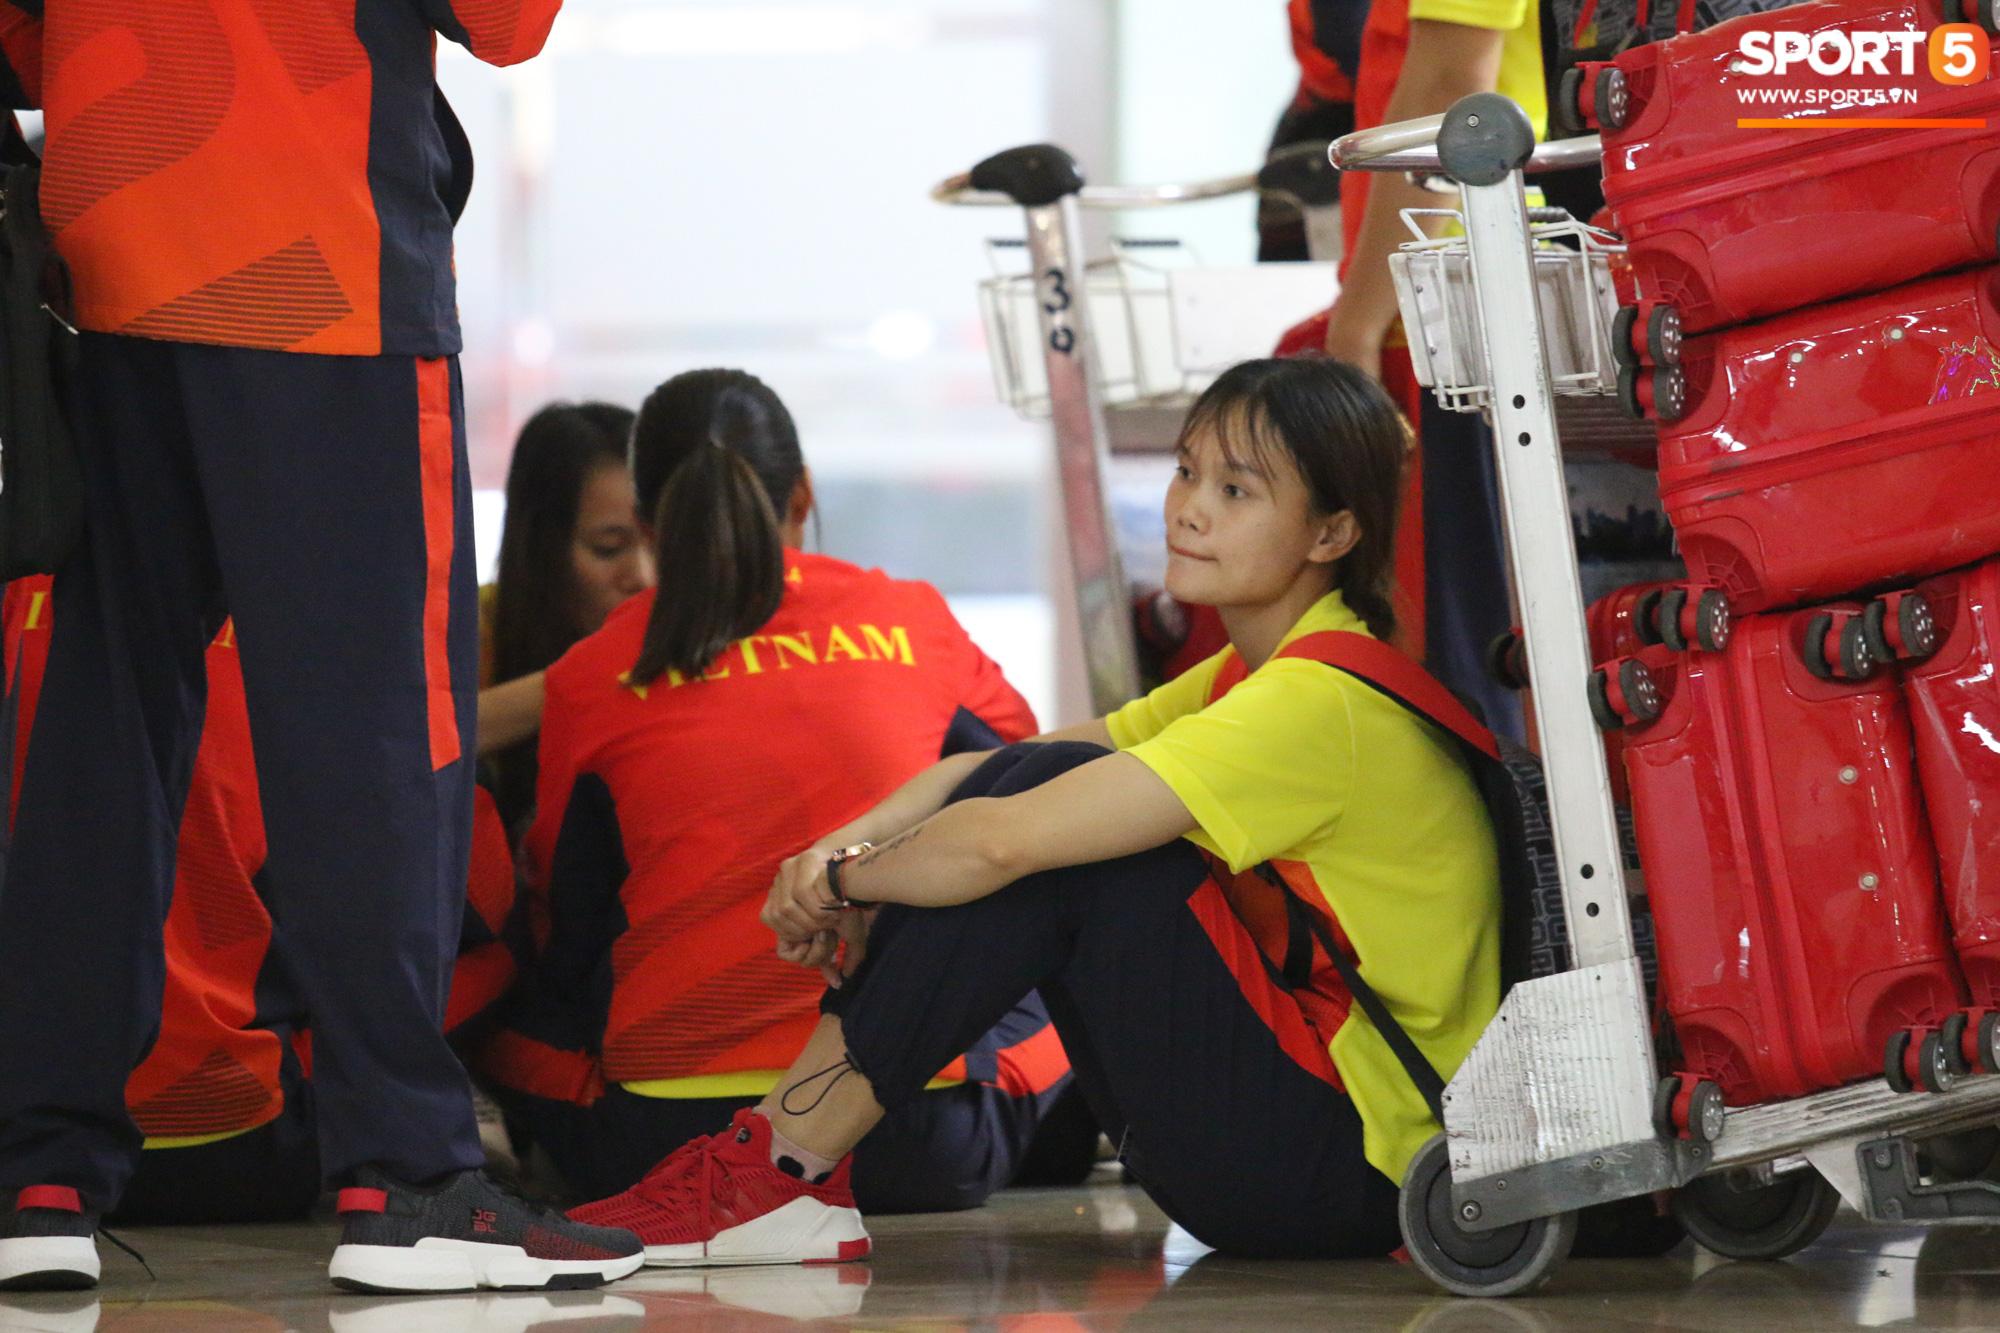 Xe buýt lại đến muộn, đoàn VĐV Việt Nam tranh thủ mở đồ ăn đánh chén ngay tại sân bay sau chuyến đi hú hồn - Ảnh 1.